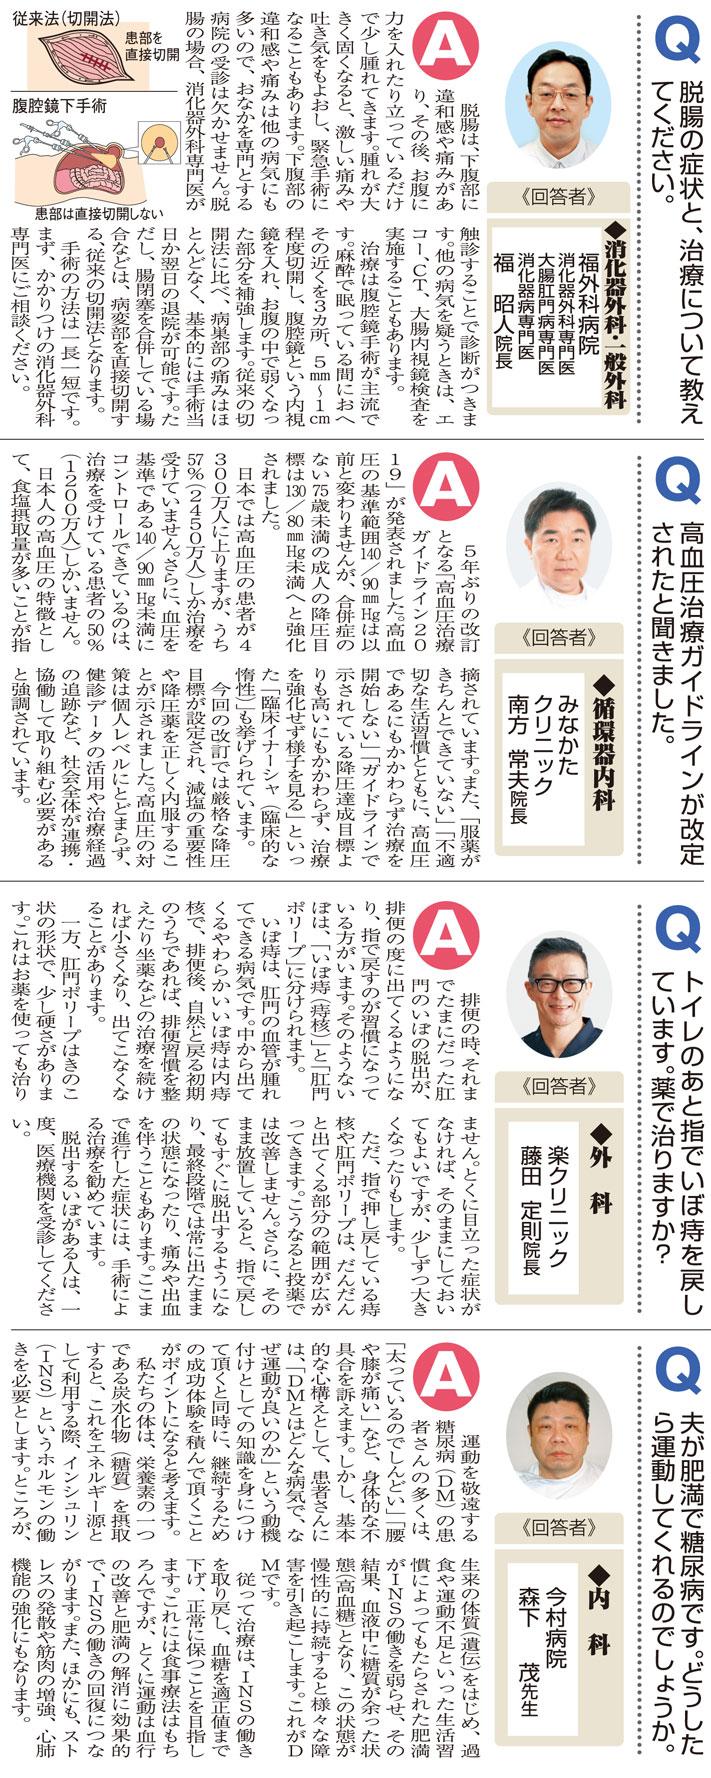 おしえて!マイドクターQ&A「脱腸」「高血圧」「いぼ痔」「糖尿病」(2019.5.25)